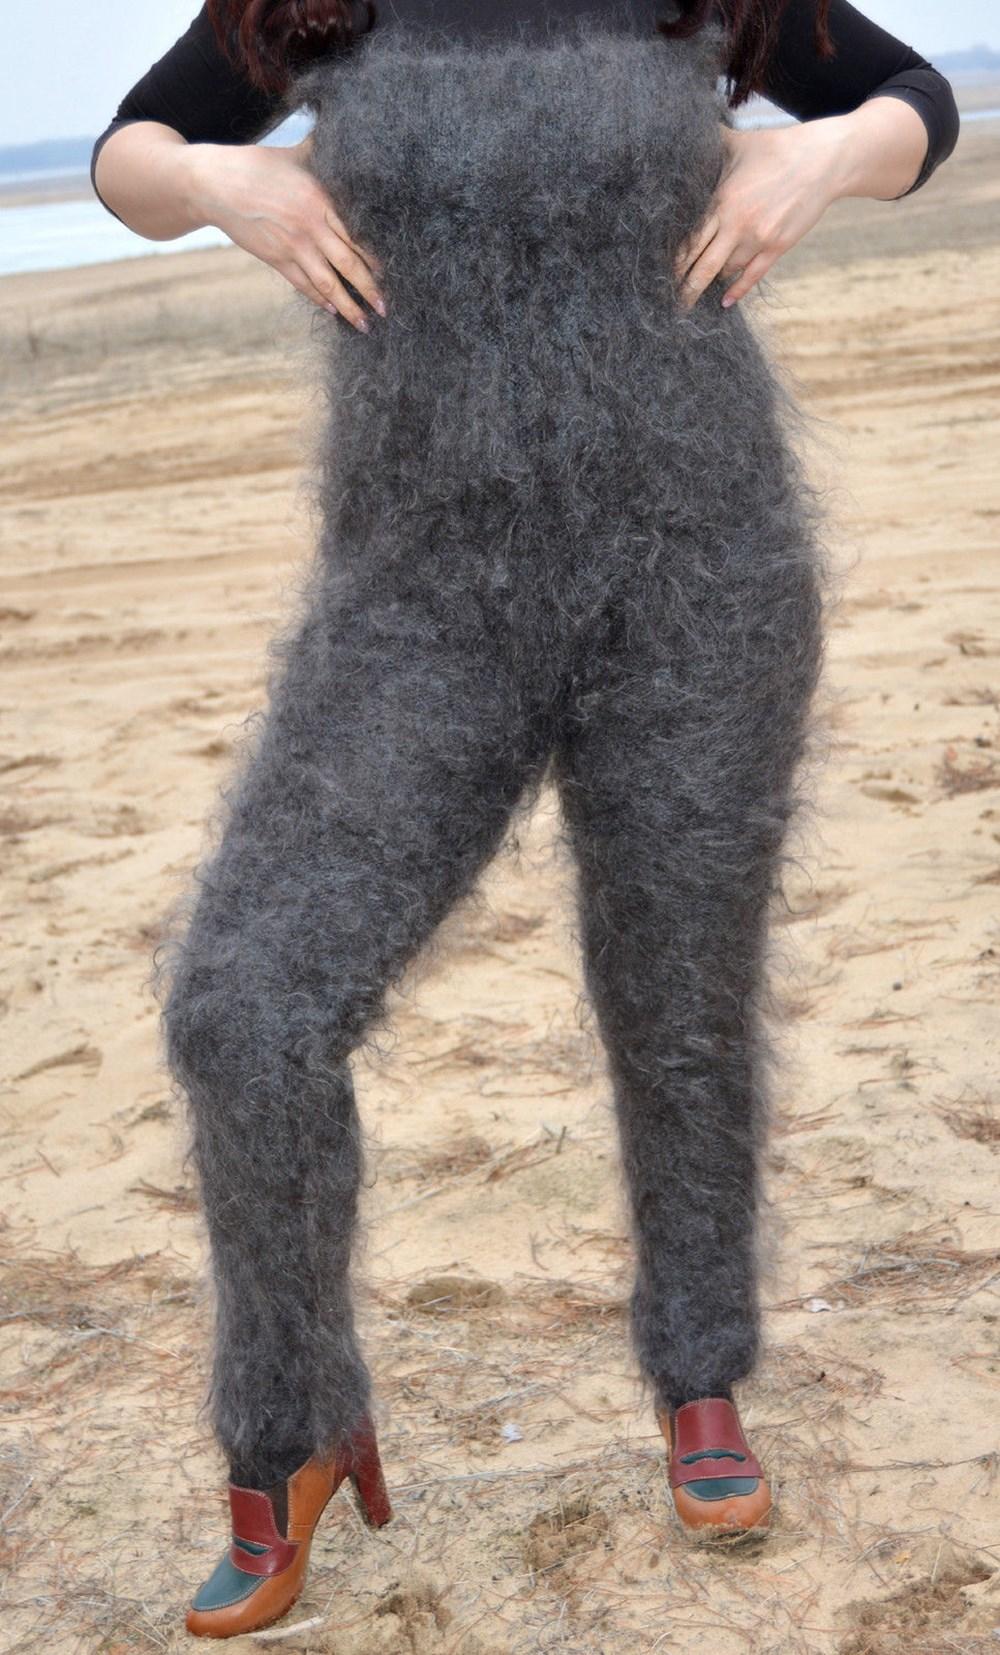 【見た目はアレだが寒さ知らず!】 ロシアの「毛むくじゃらウェア」がキモ温かそう